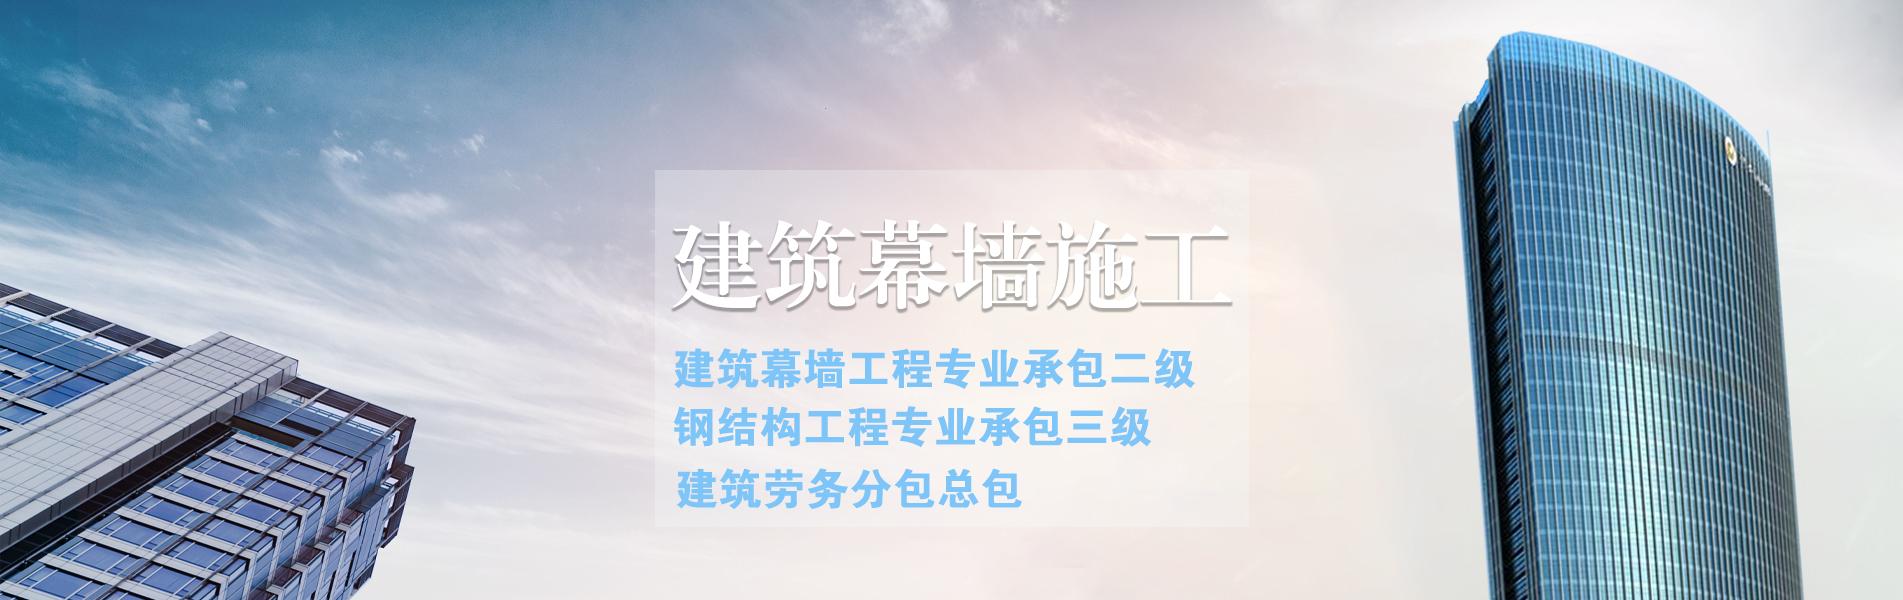 云南玻璃幕墻施工